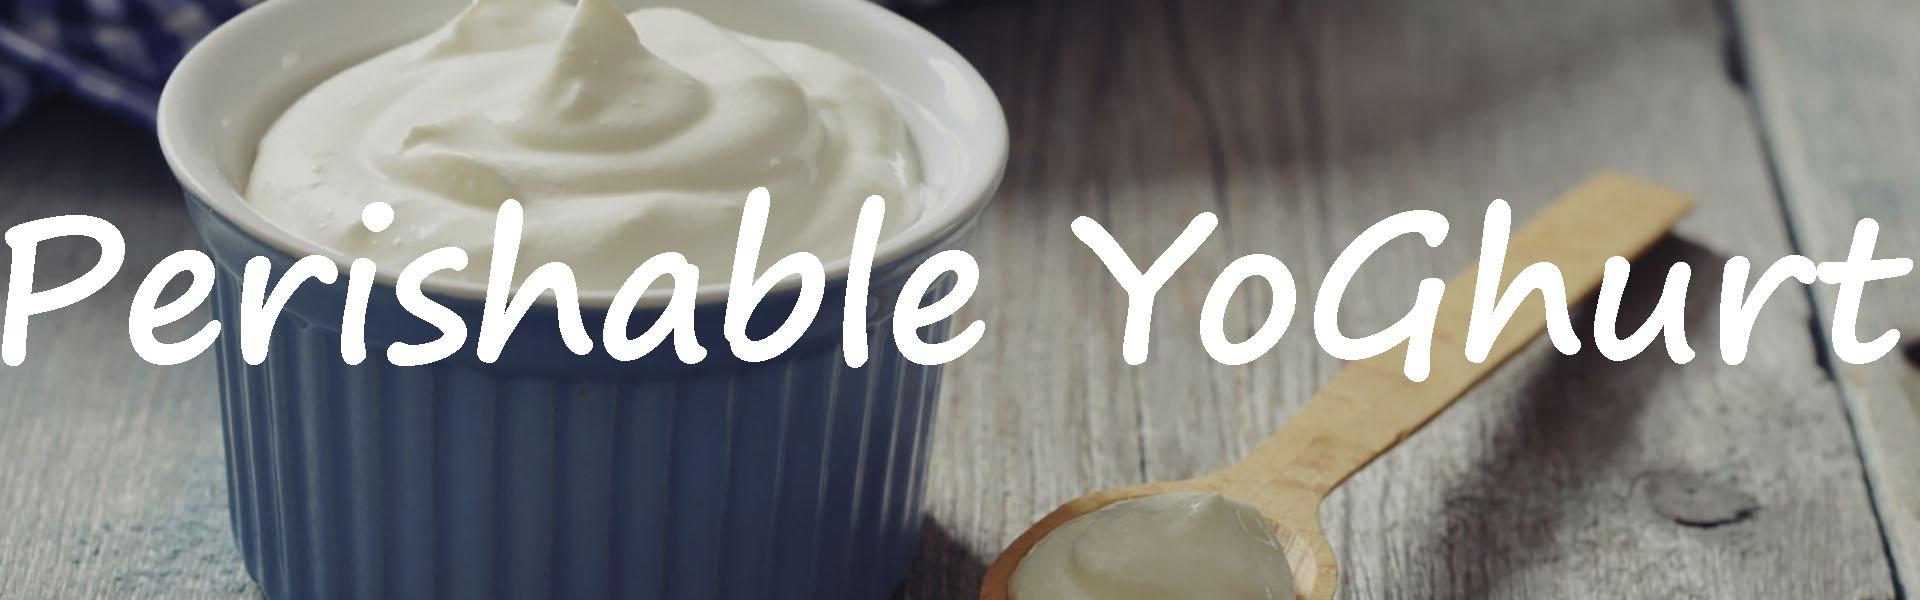 web-ready-perishable-yoghurt-1